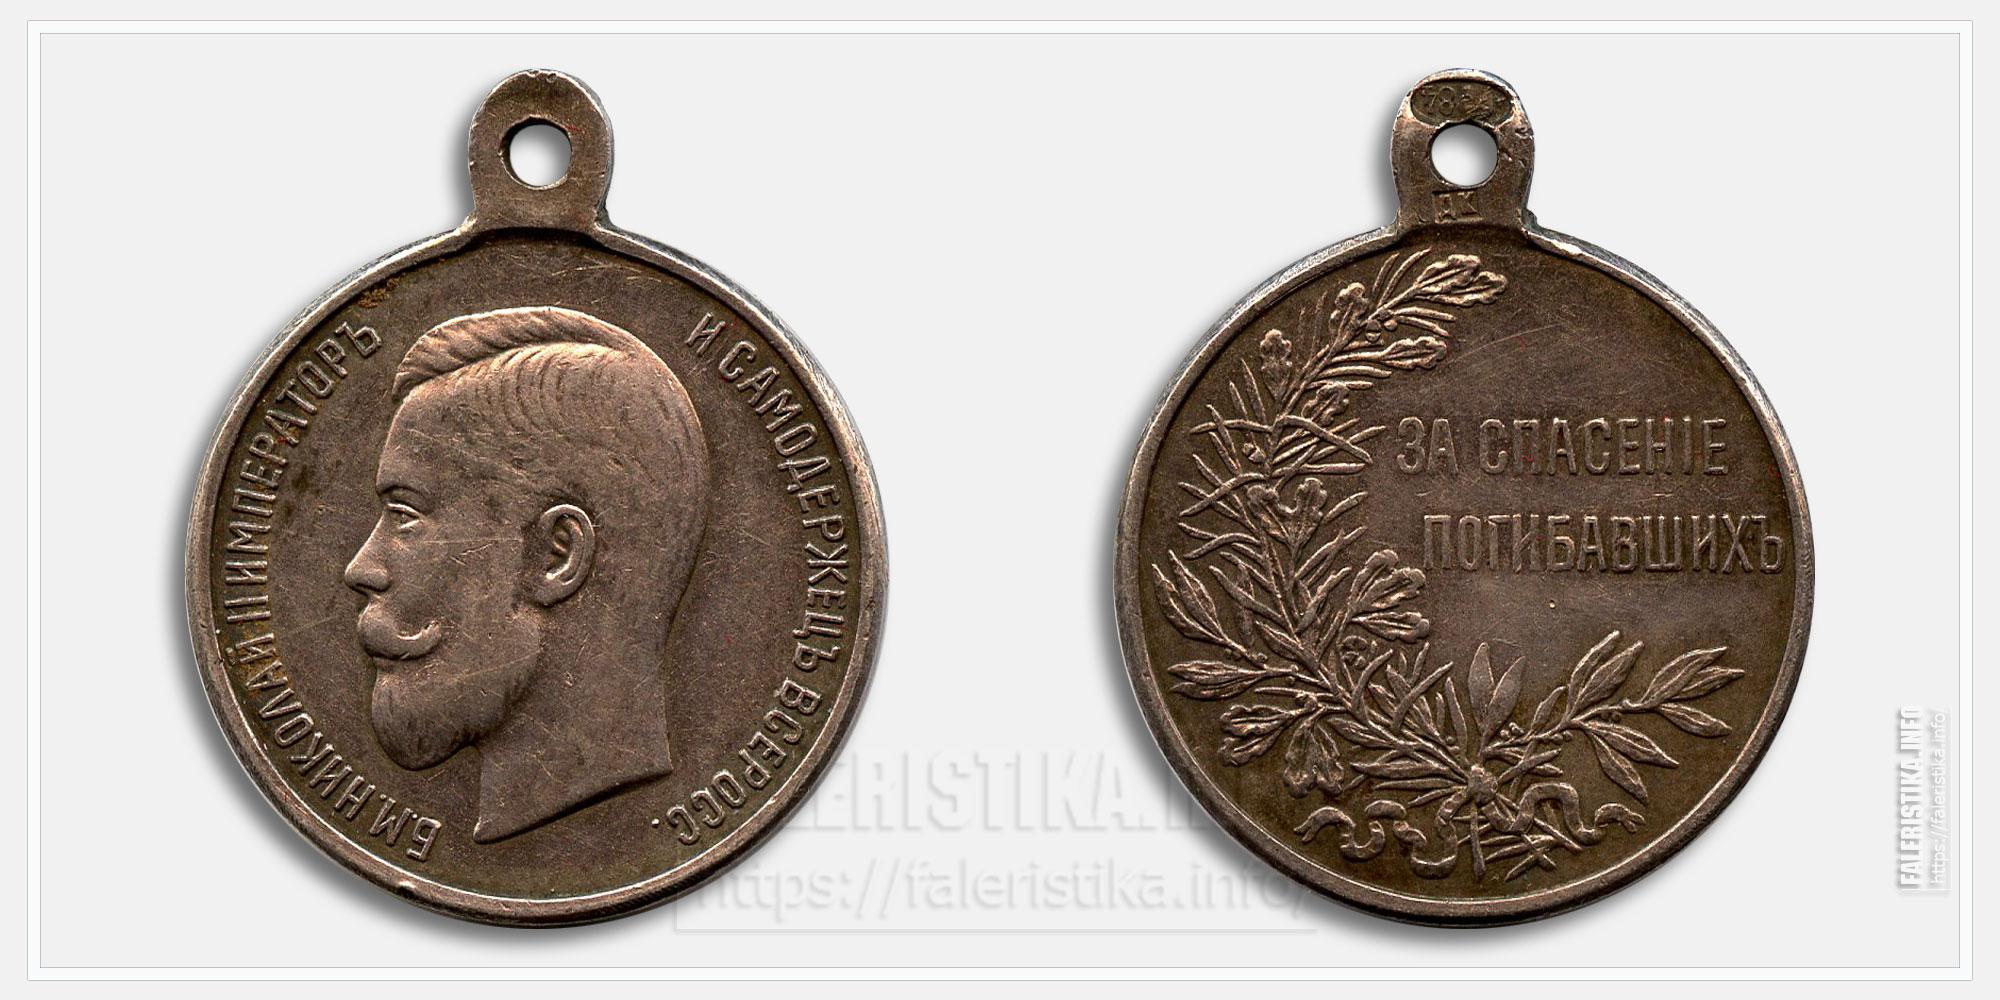 """Медаль """"За спасение погибавших"""" Николай II Частник"""